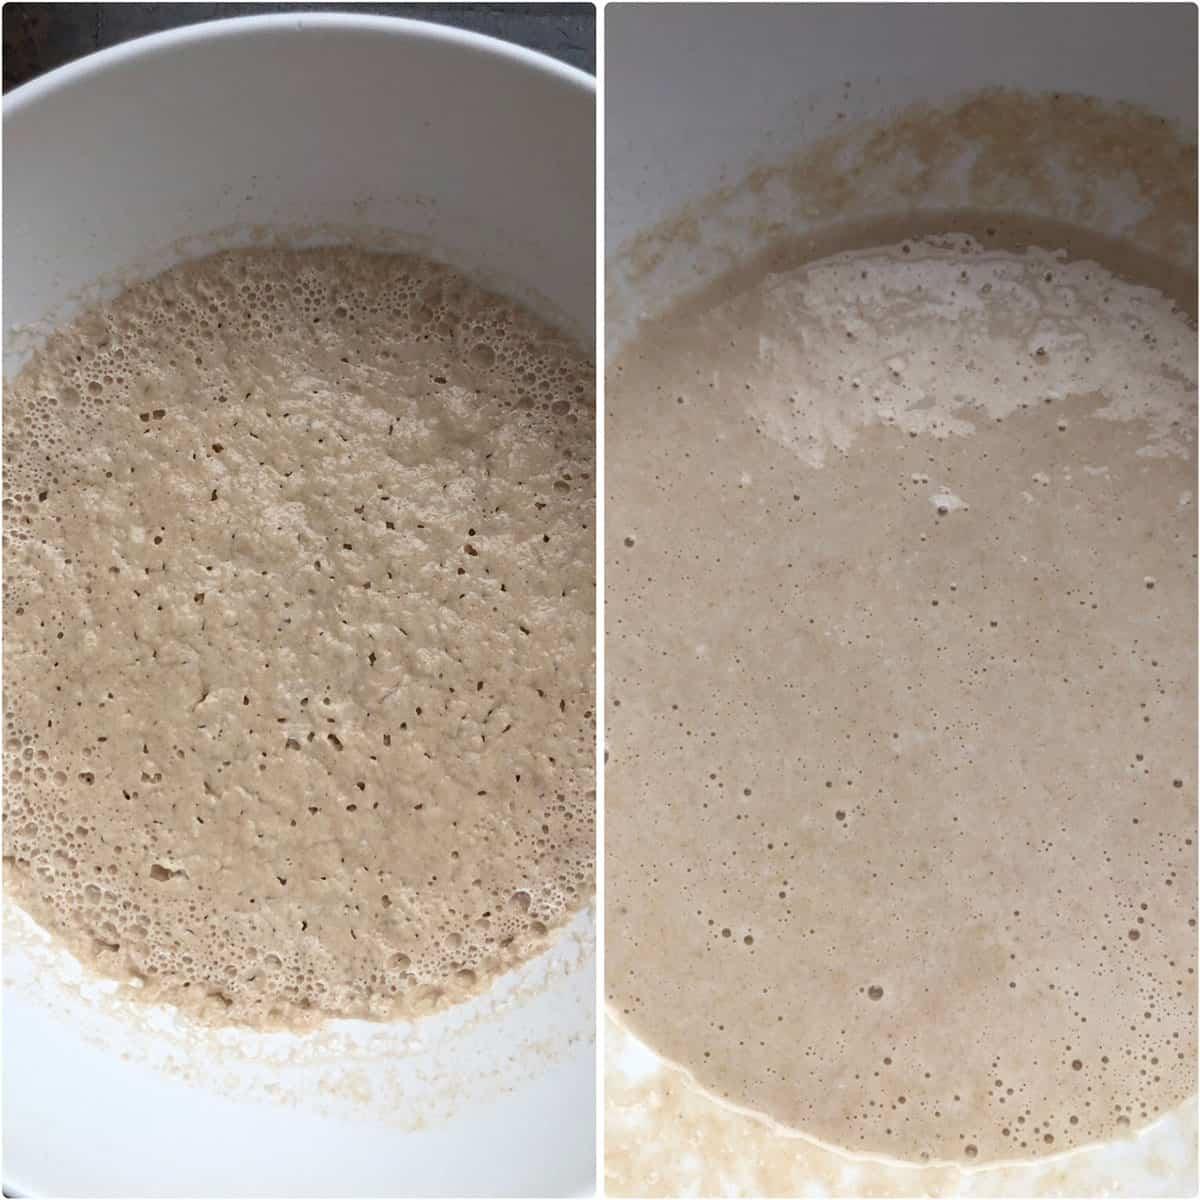 White bowl with risen pancake batter